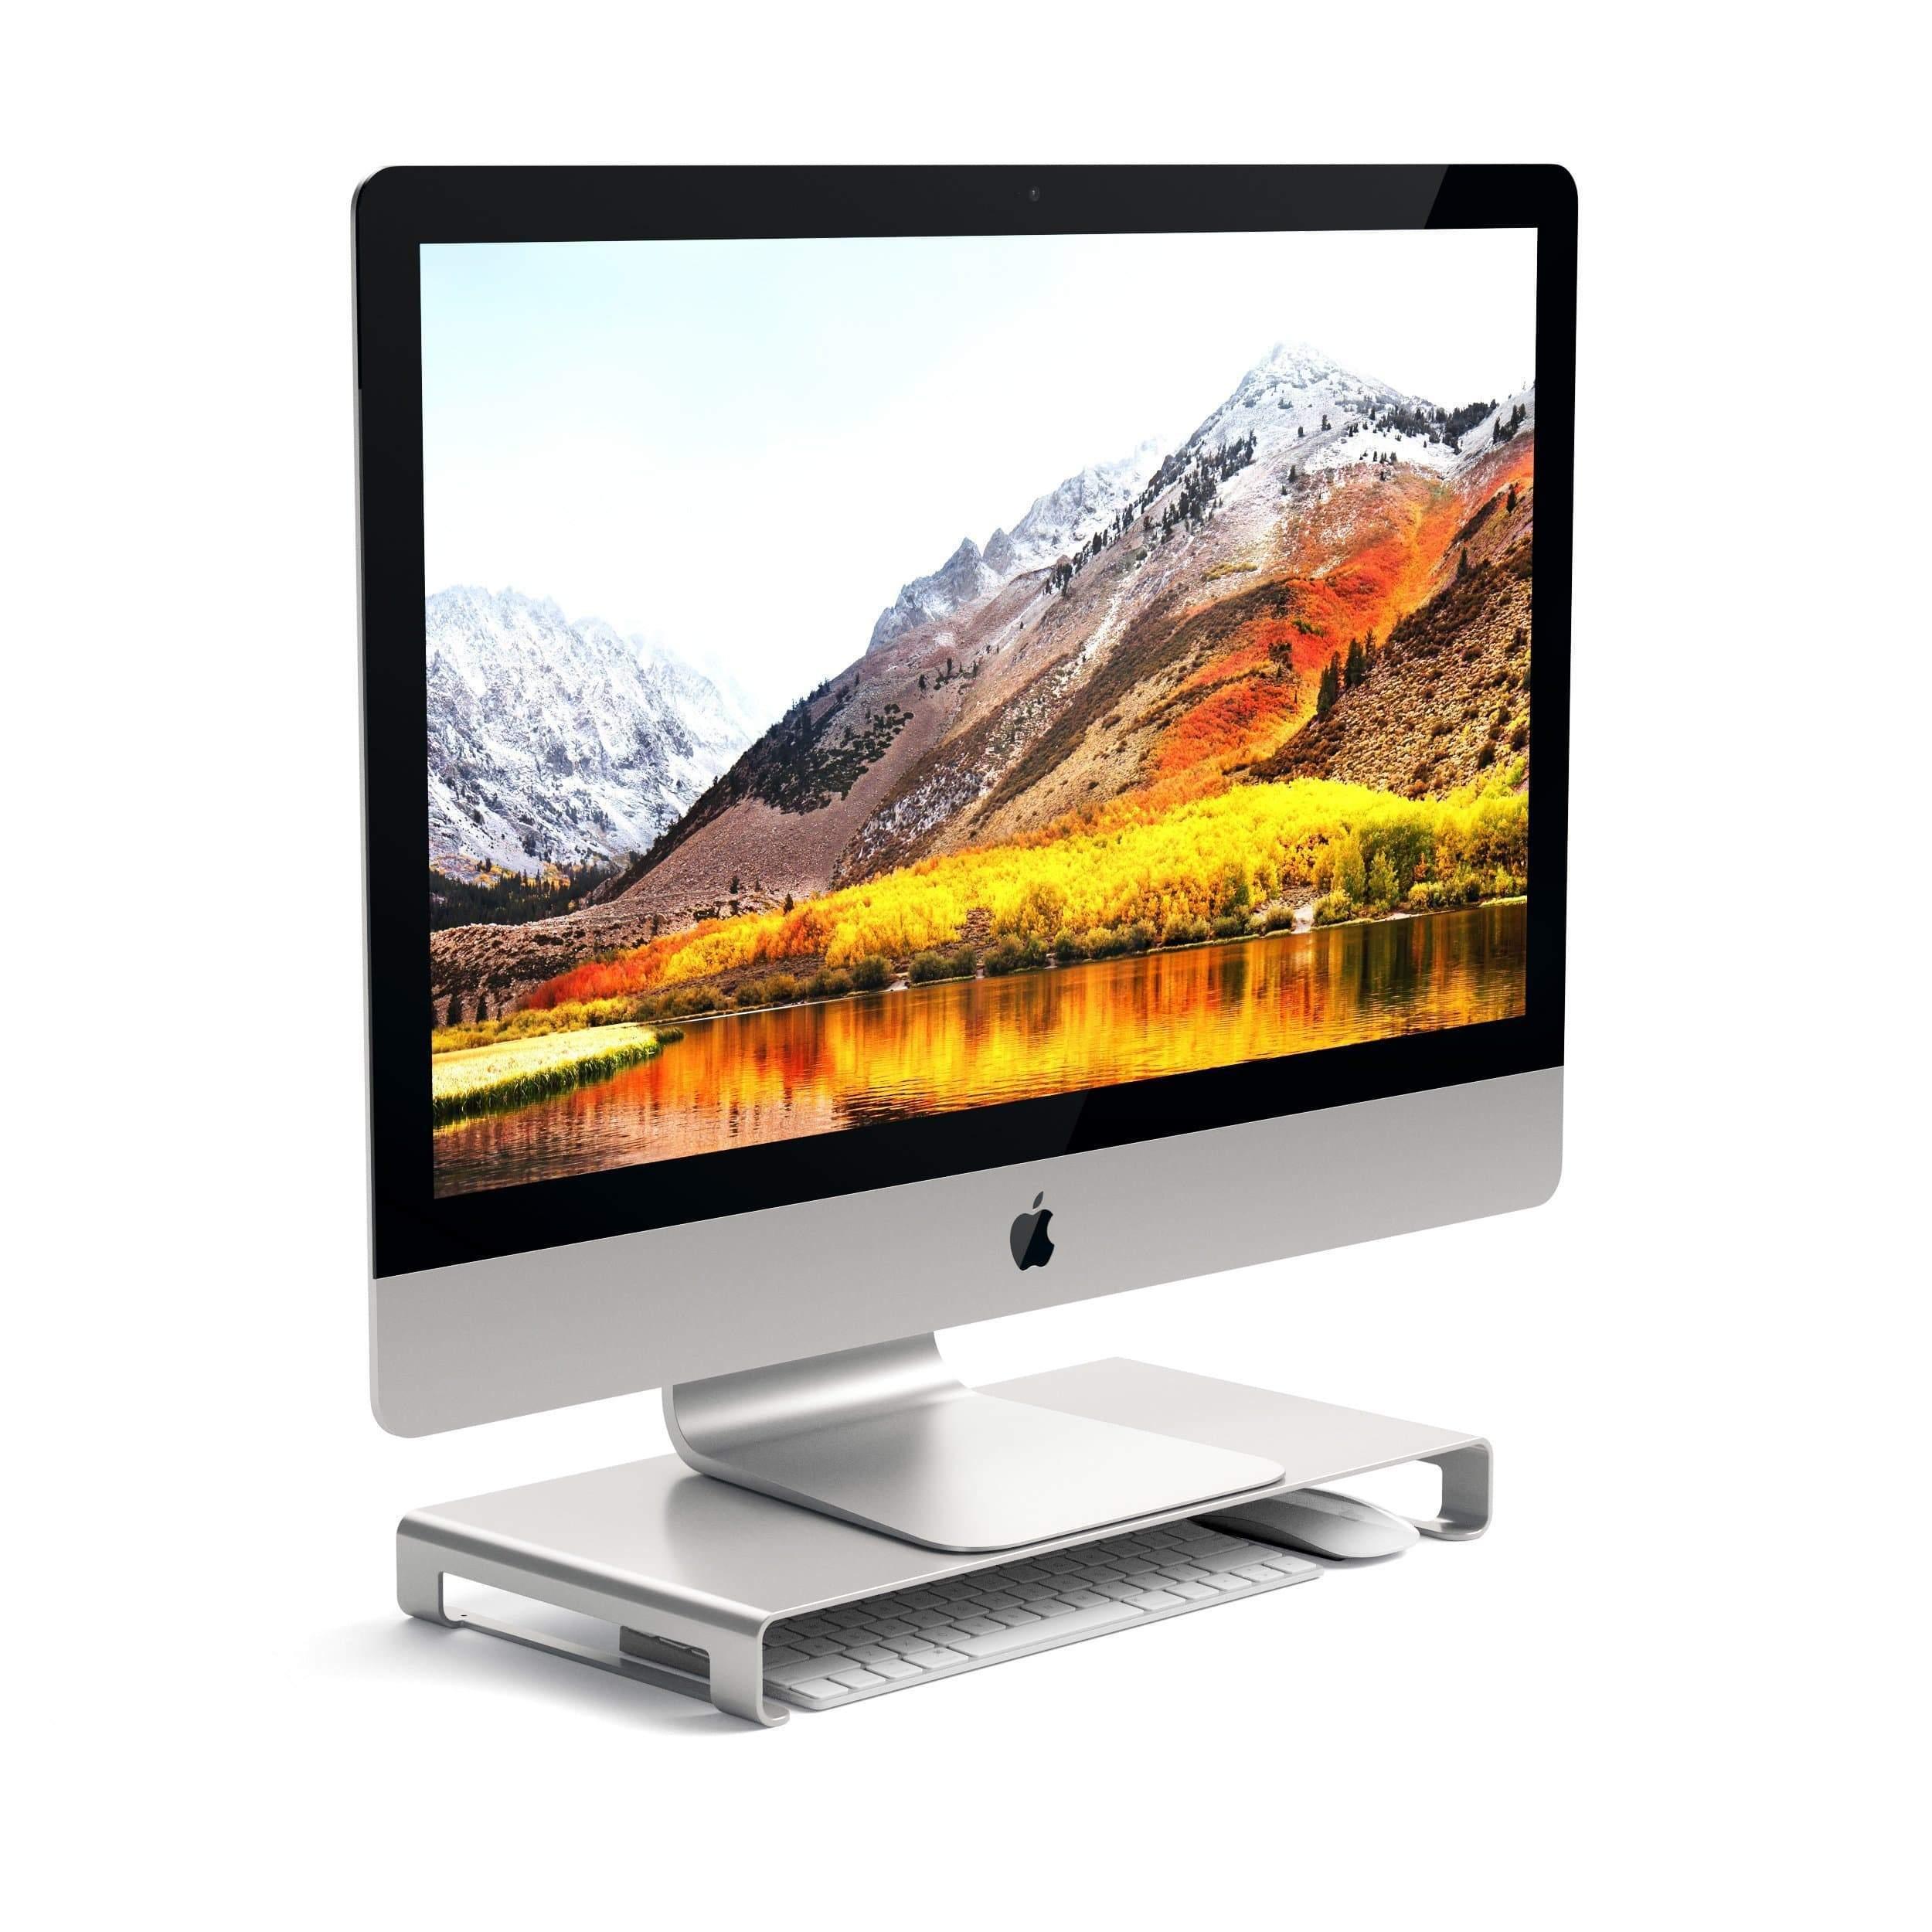 Podstavec pod MacBook / monitor - Satechi, Slim Aluminum Monitor Stand Silver